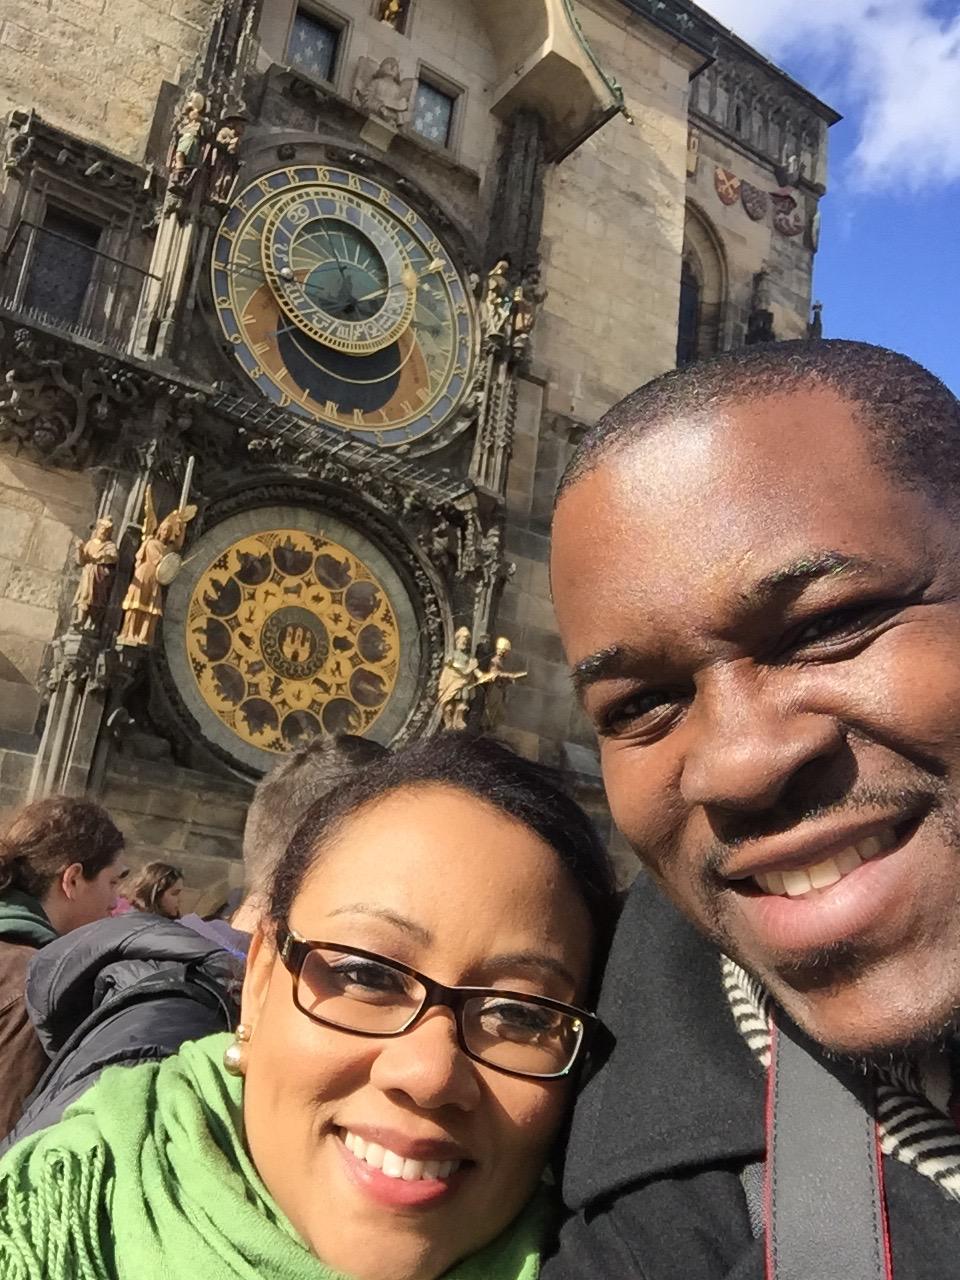 The Prague orloj or Prague Astronomical clock.